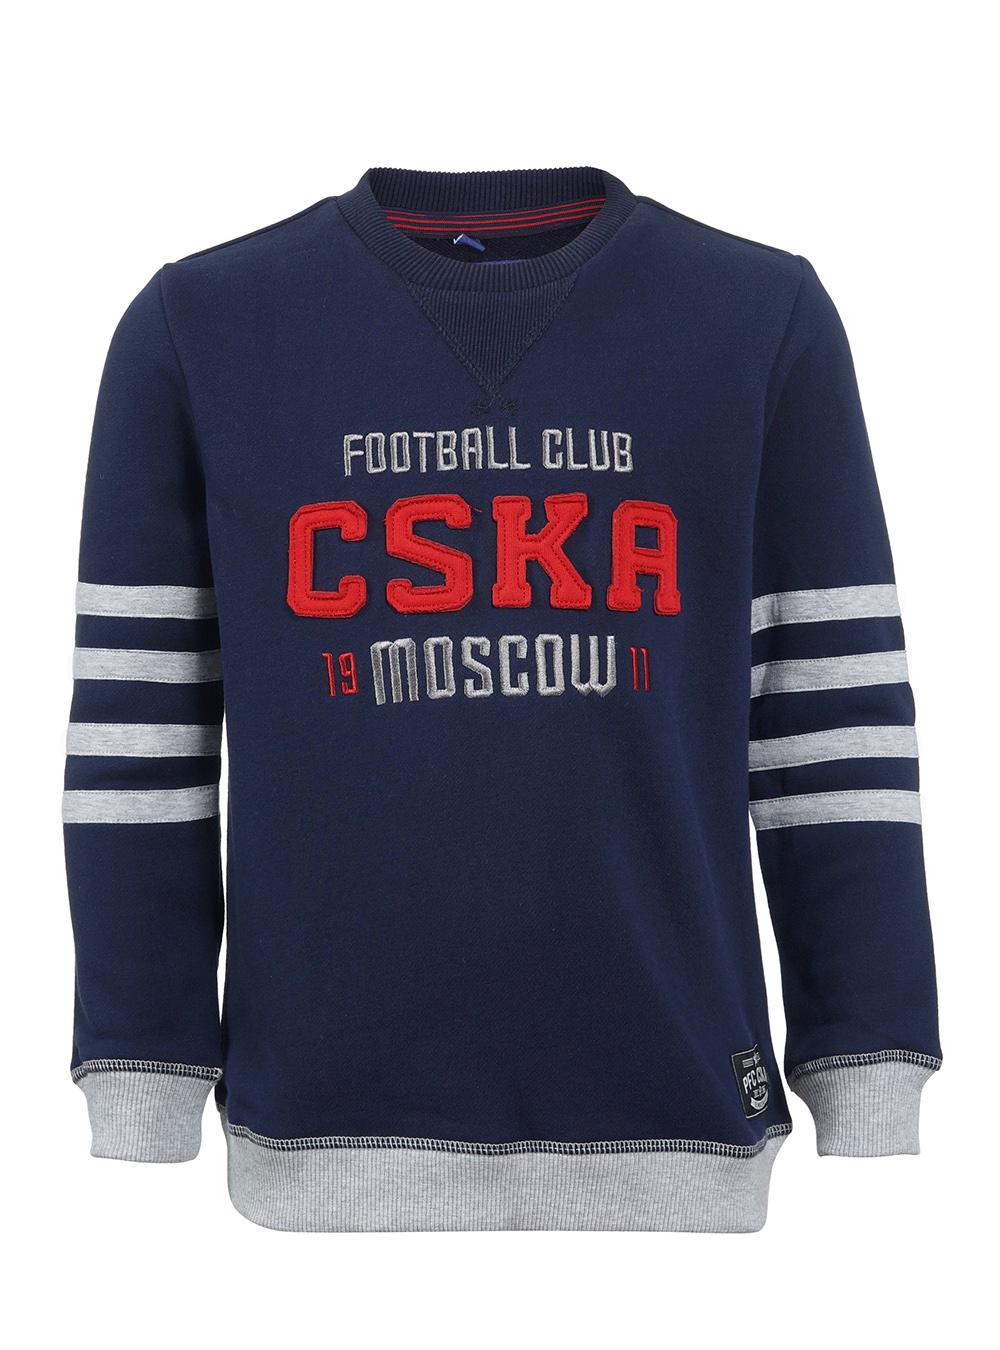 Купить Свитшот детский «CSKA Moscow» (134) по Нижнему Новгороду